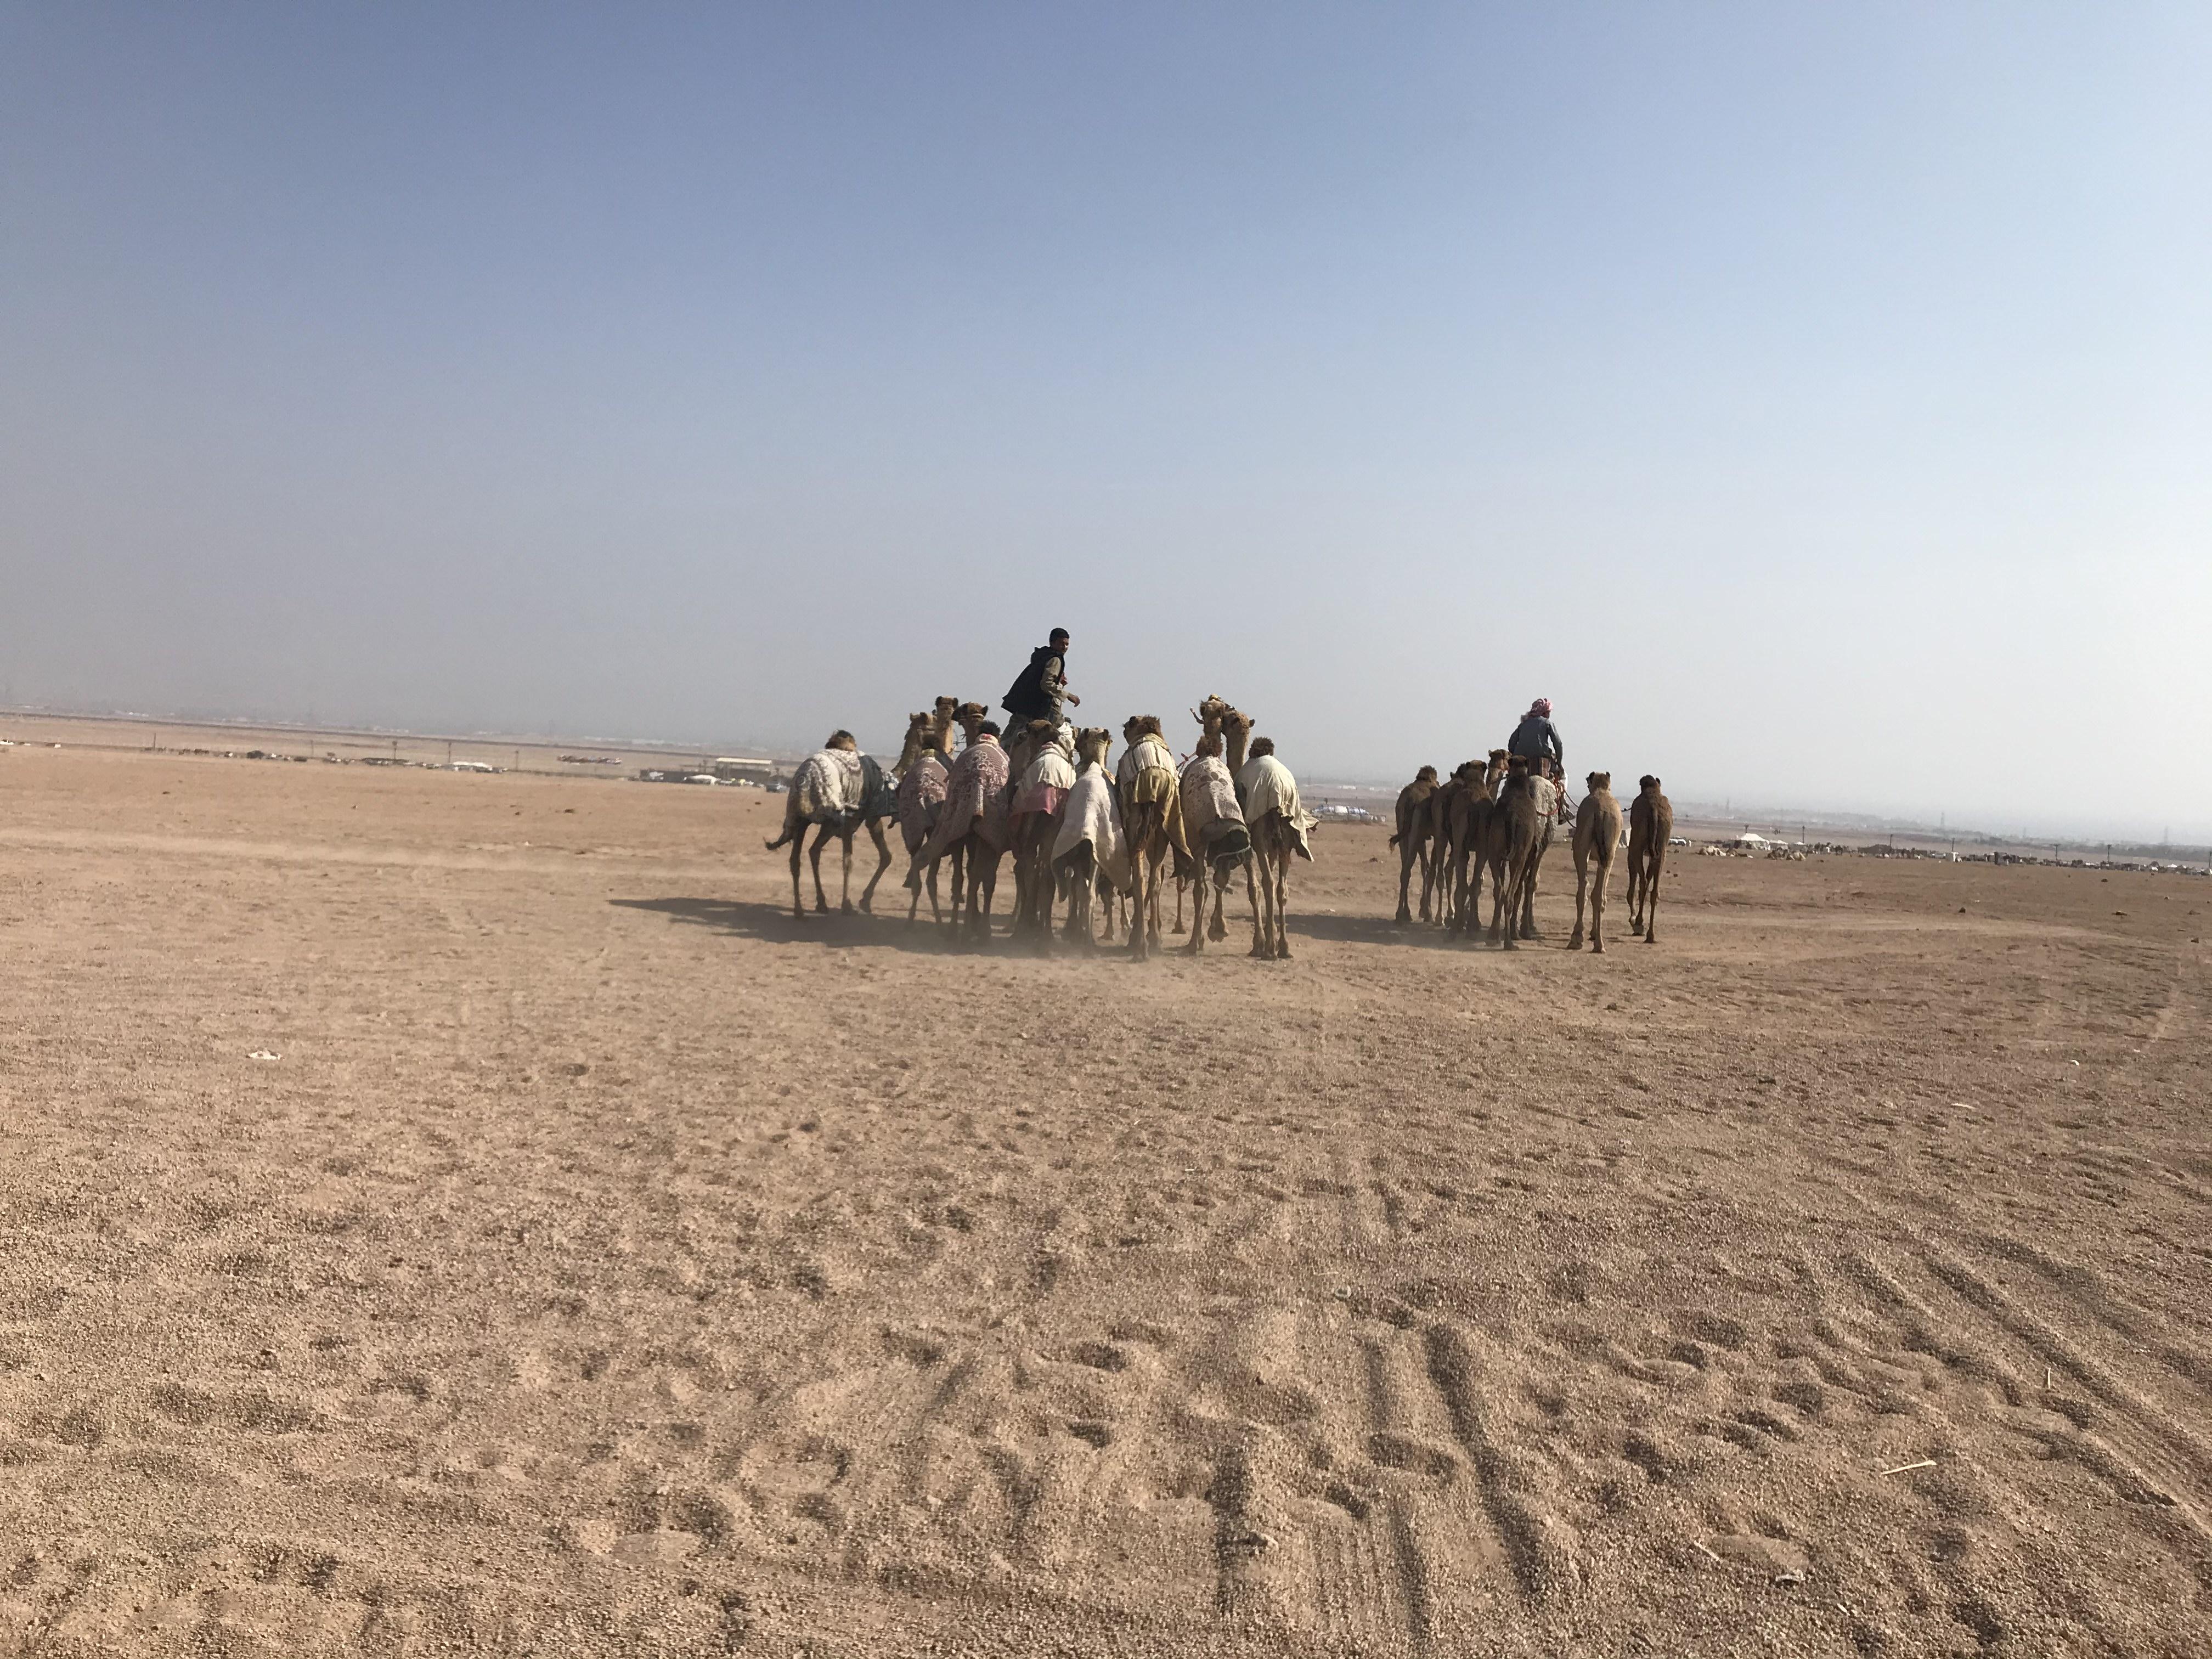 المشاركون فى مهرجان الهجن بشرم الشيخ من مختلف المحافظات (6)